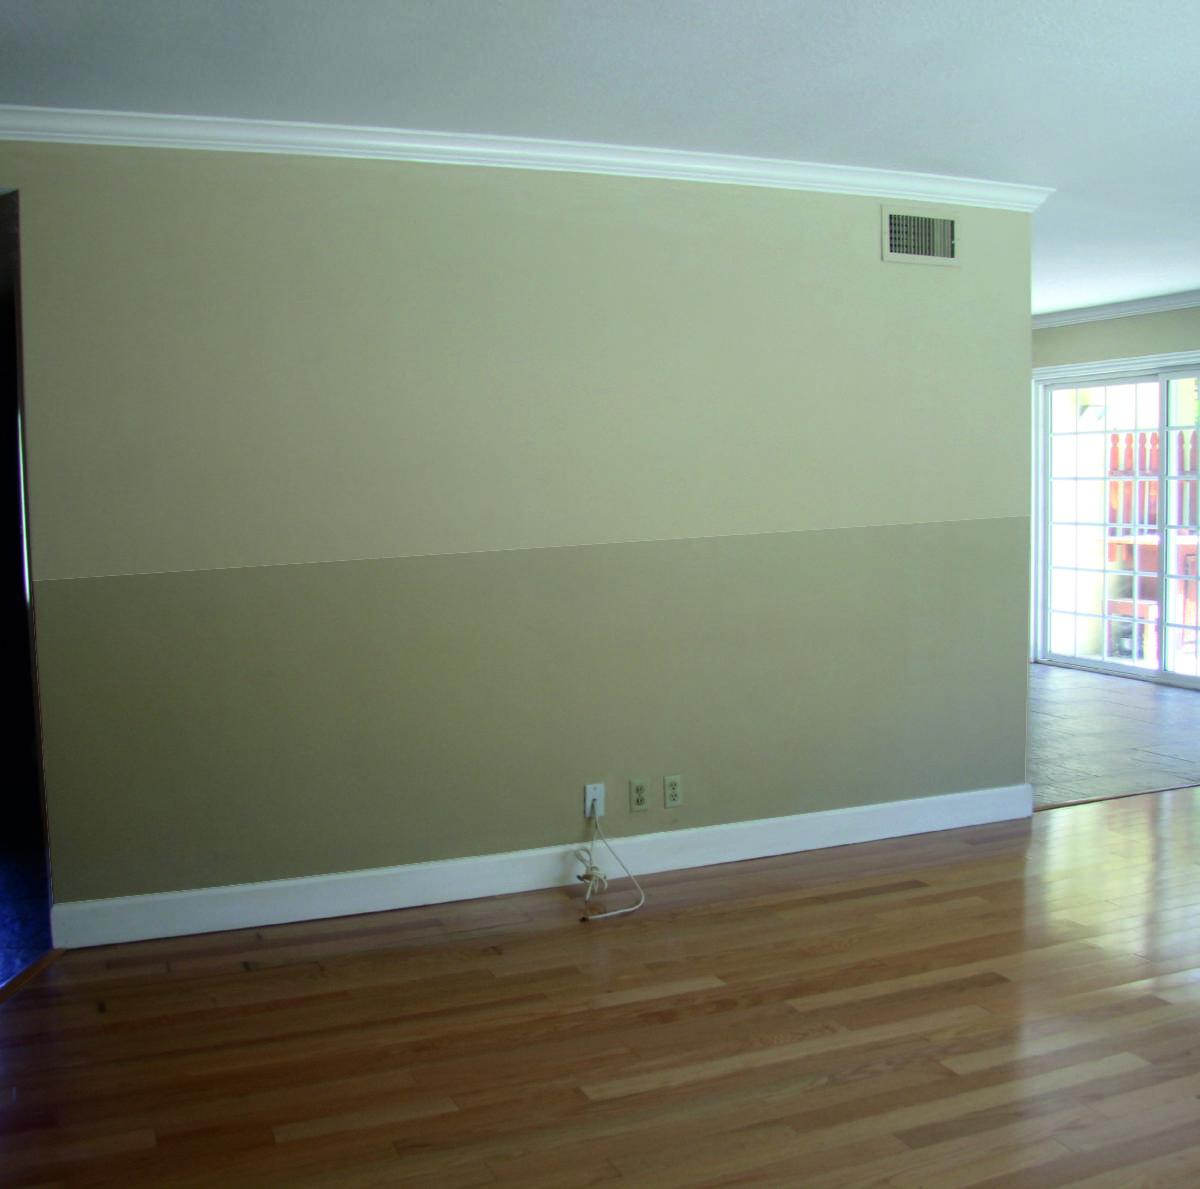 wandtattoos dekoration ihr spezialist sendet zu ihnen aus leipzig wir produzieren und. Black Bedroom Furniture Sets. Home Design Ideas